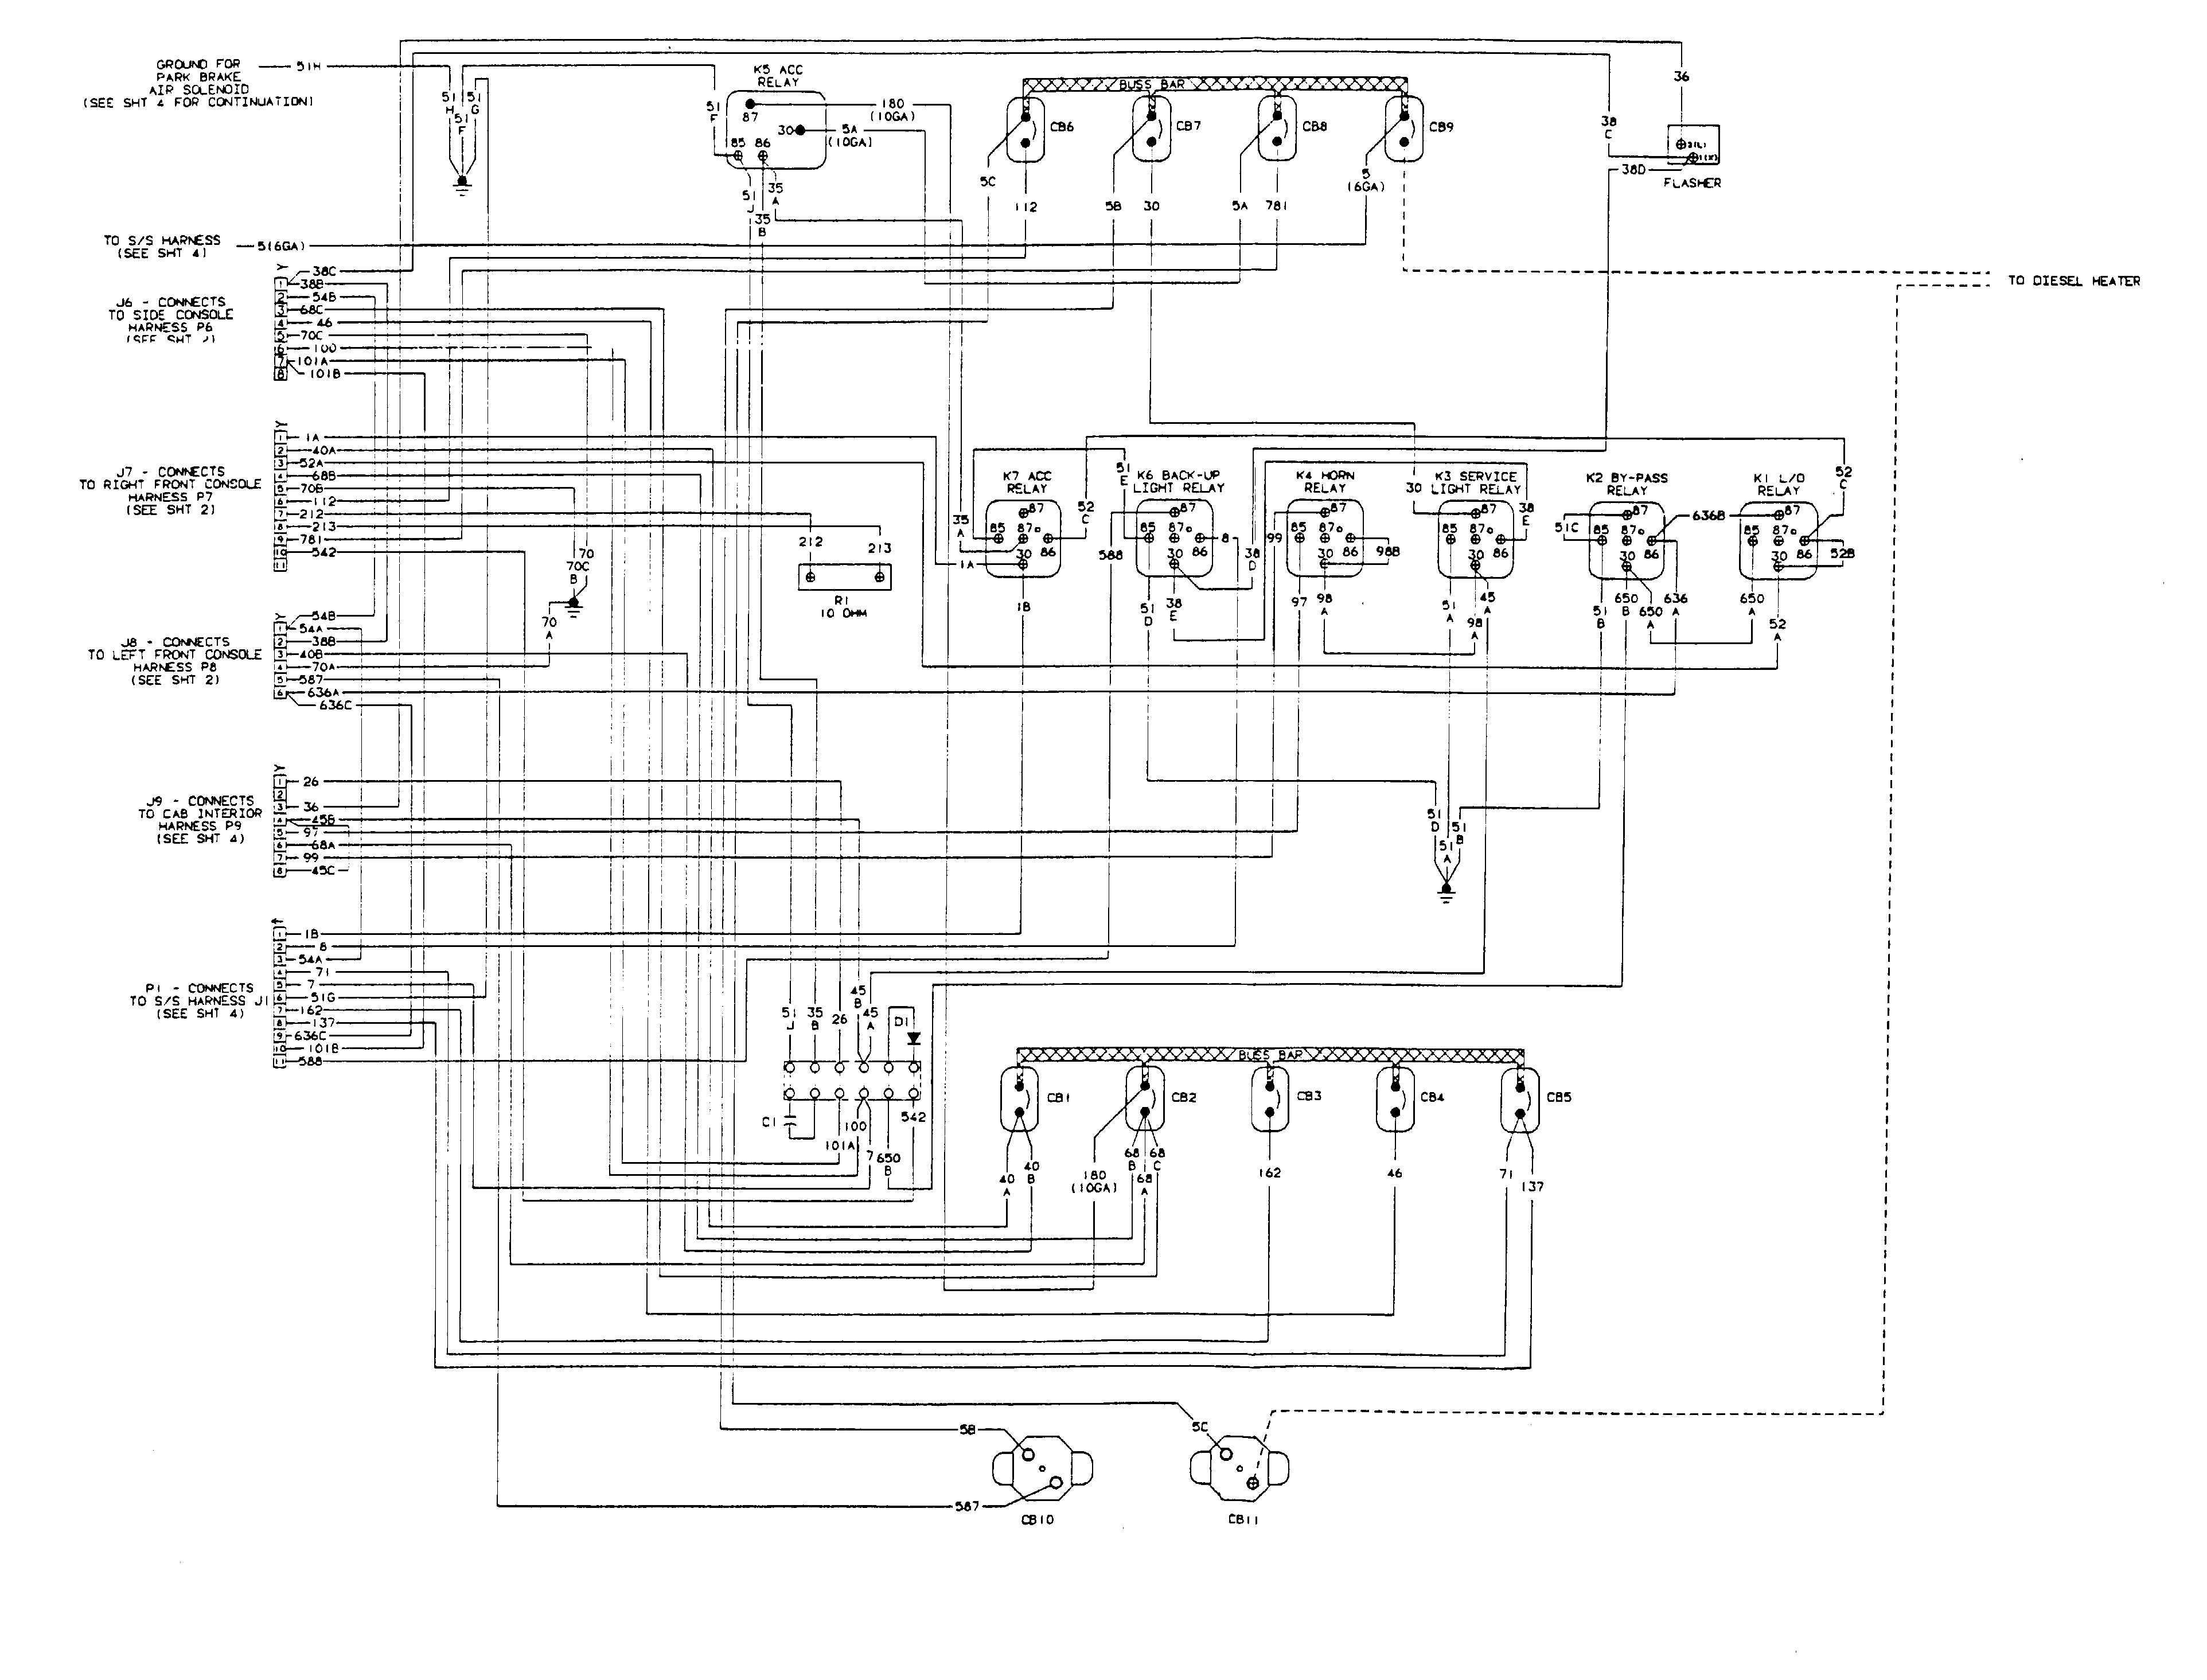 crane shut off wiring diagram